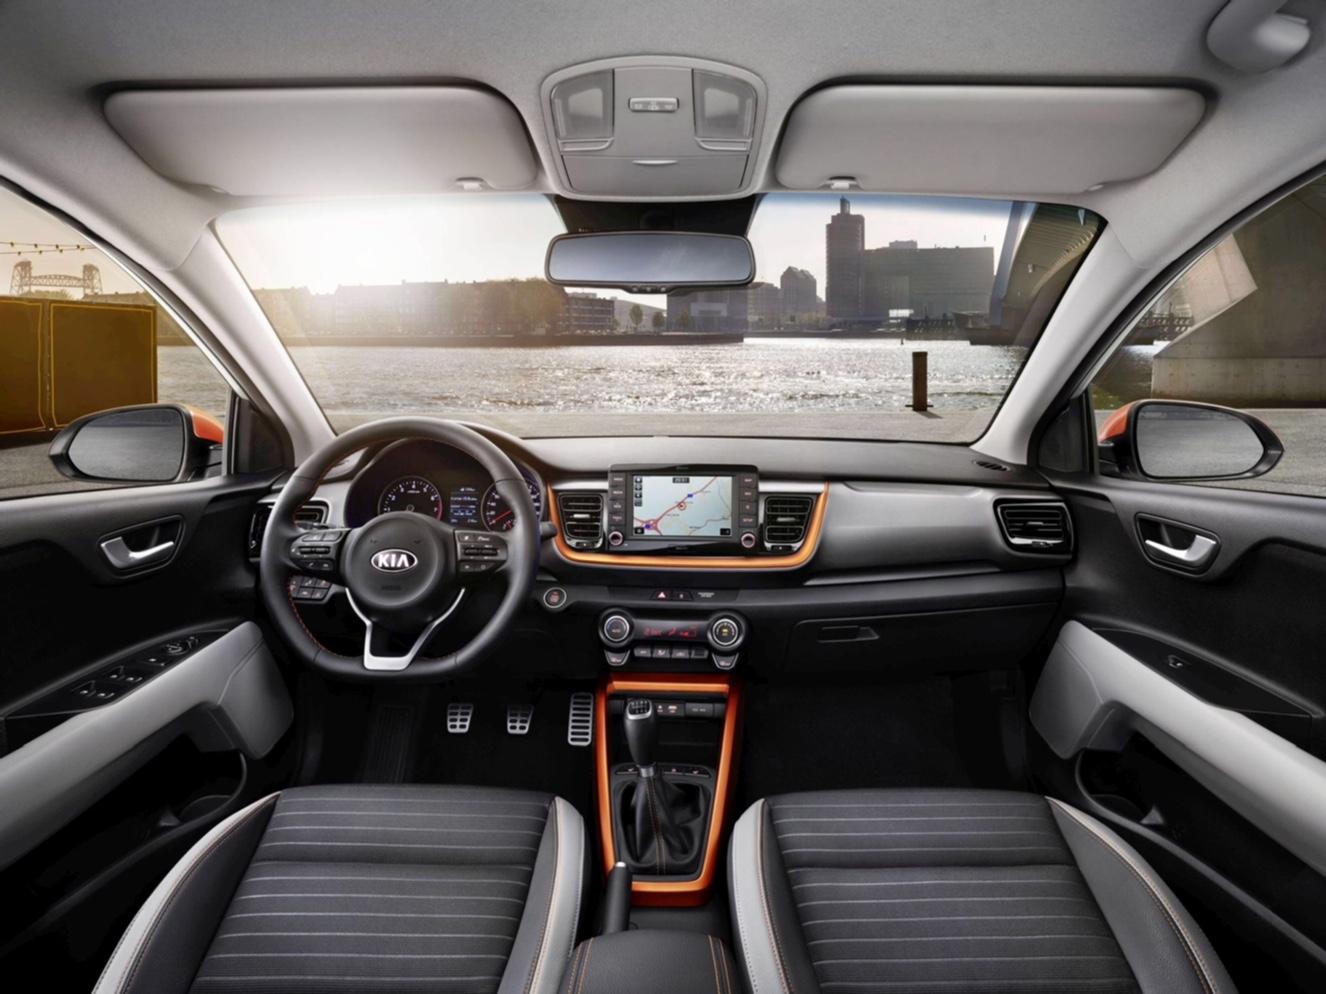 KIA'nın B segmentindeki yeni crossover modeli Stonic Türkiye'de satışa sunuldu. Kompakt SUV segmentine son derece atak ve taze bir yaklaşım getiren Stonic, KIA ürün gamının en son halkasını temsil ediyor. | Sungurlu Haber